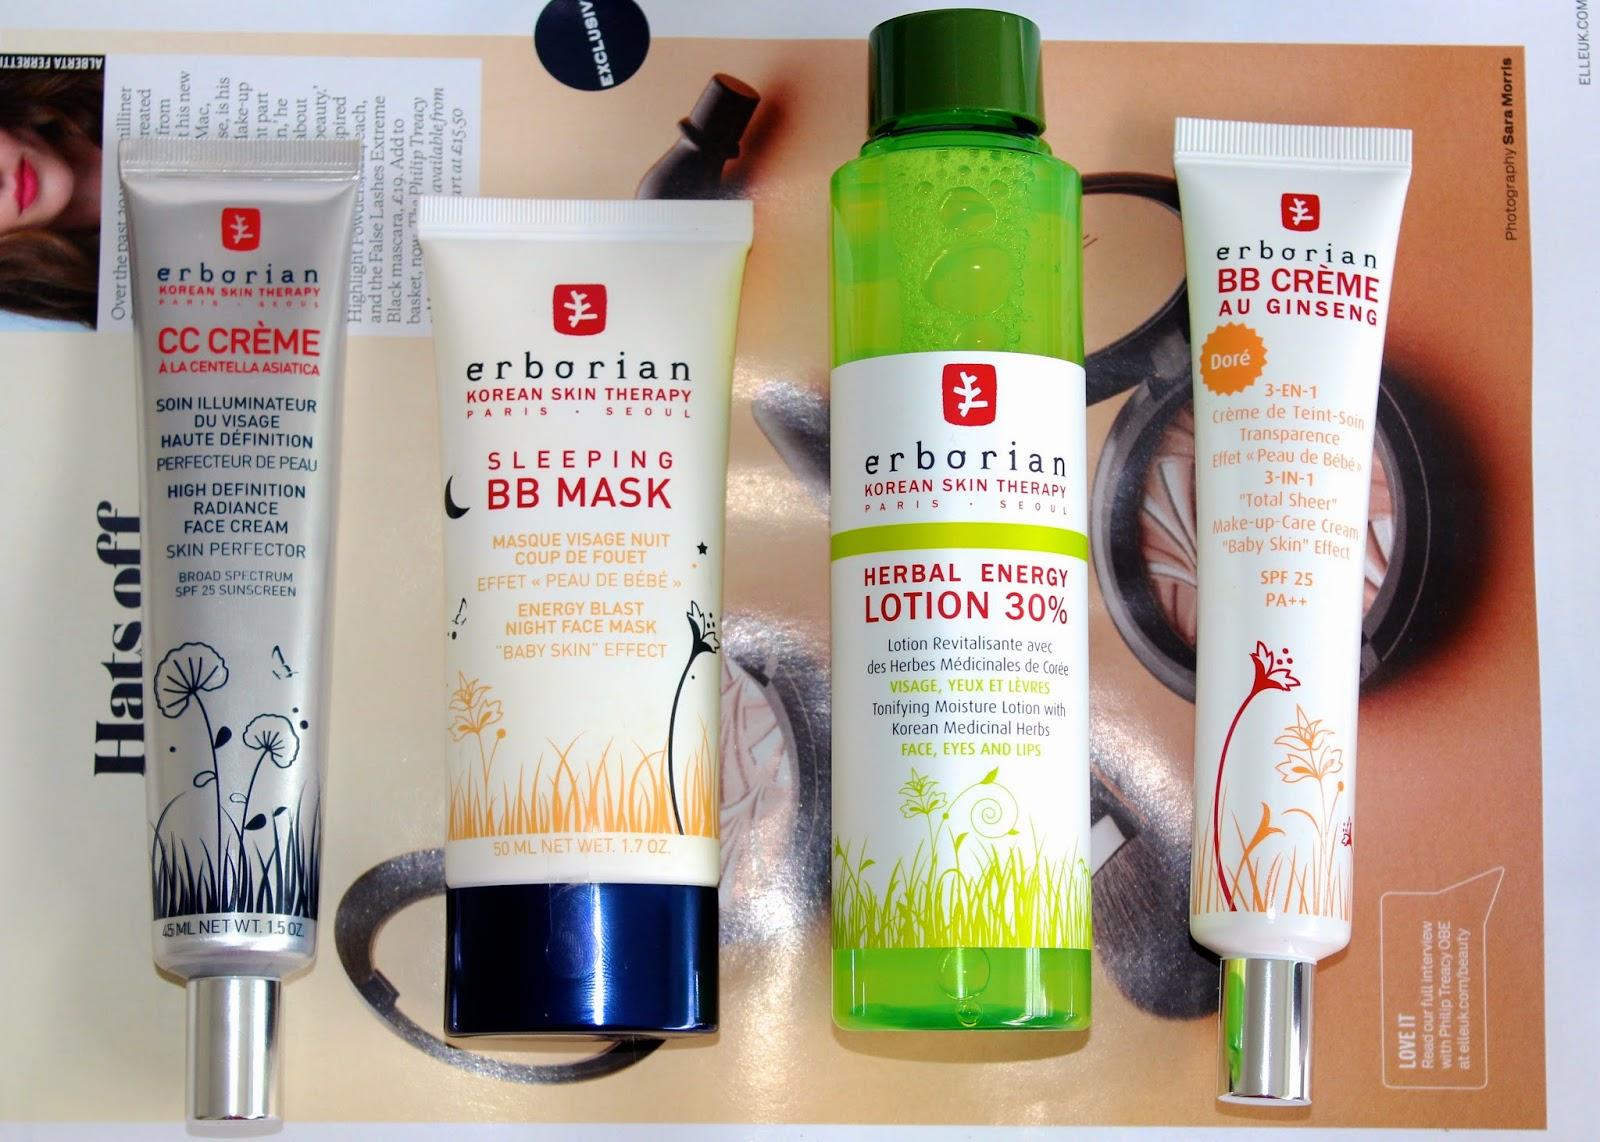 Erborian skincare review - including the original BB creme